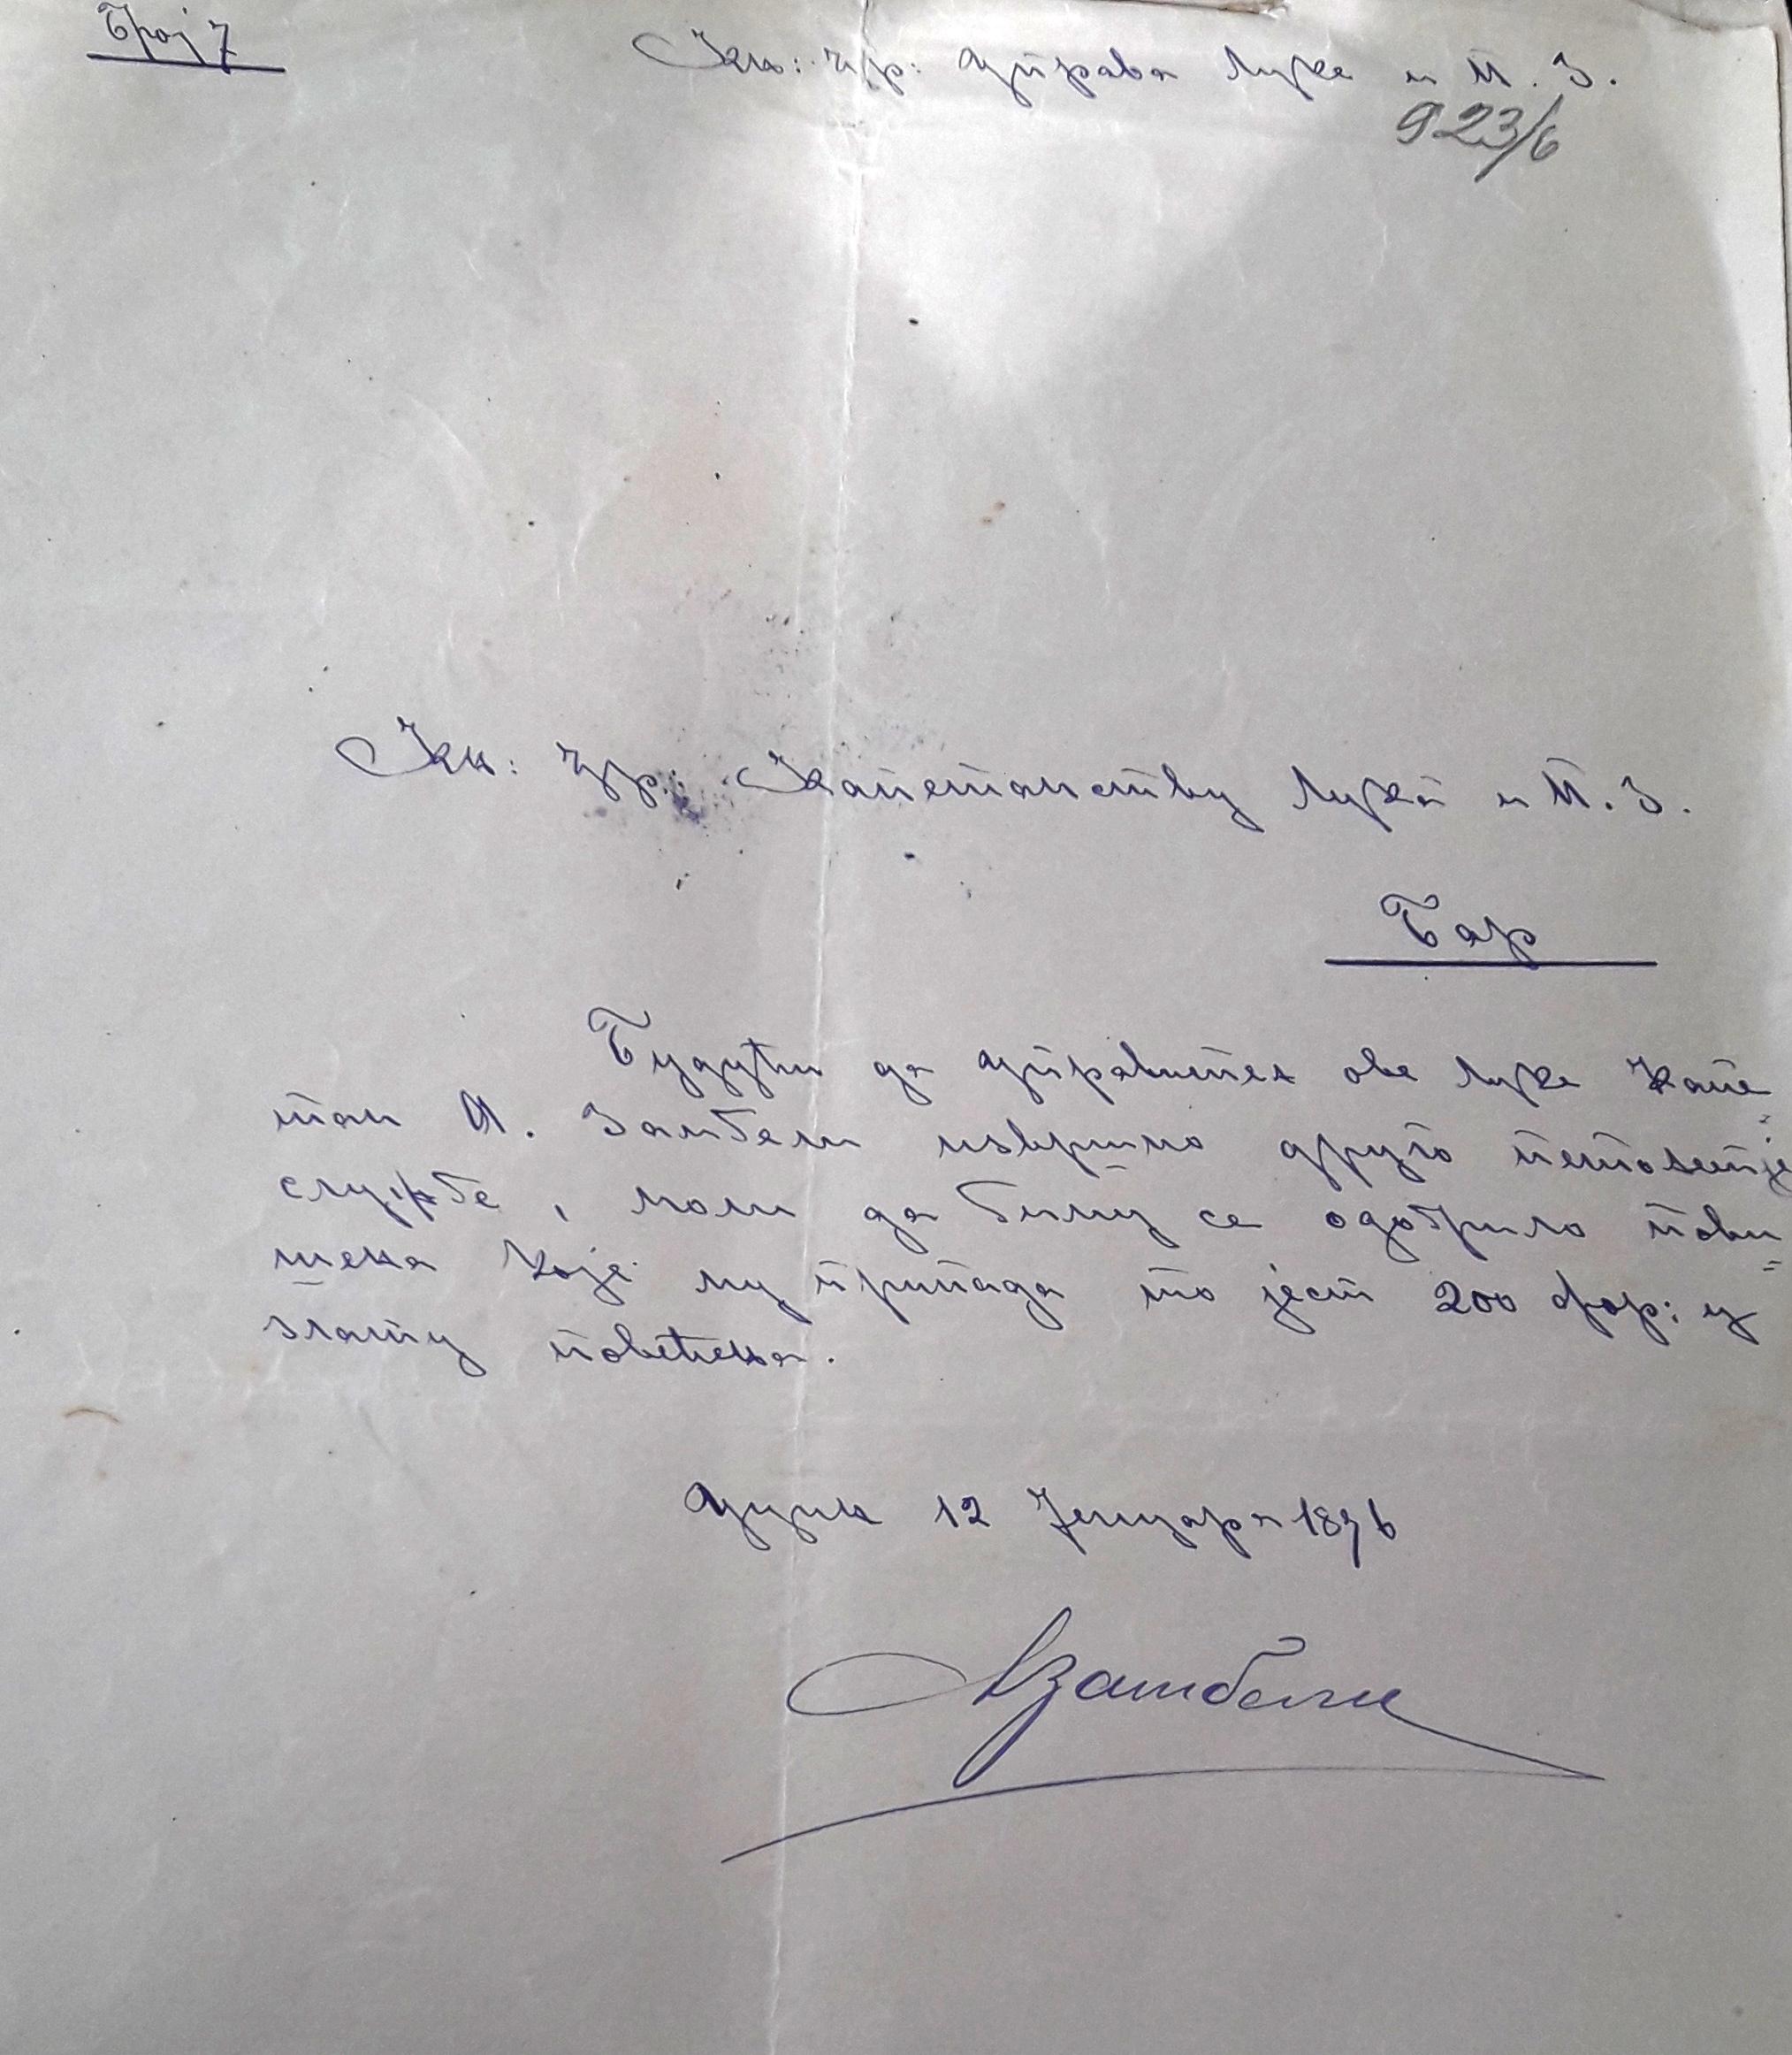 1.1. Upravitelj luke Ulcinj traži povišicu nakon pet godina sluđbe, januar 1896.